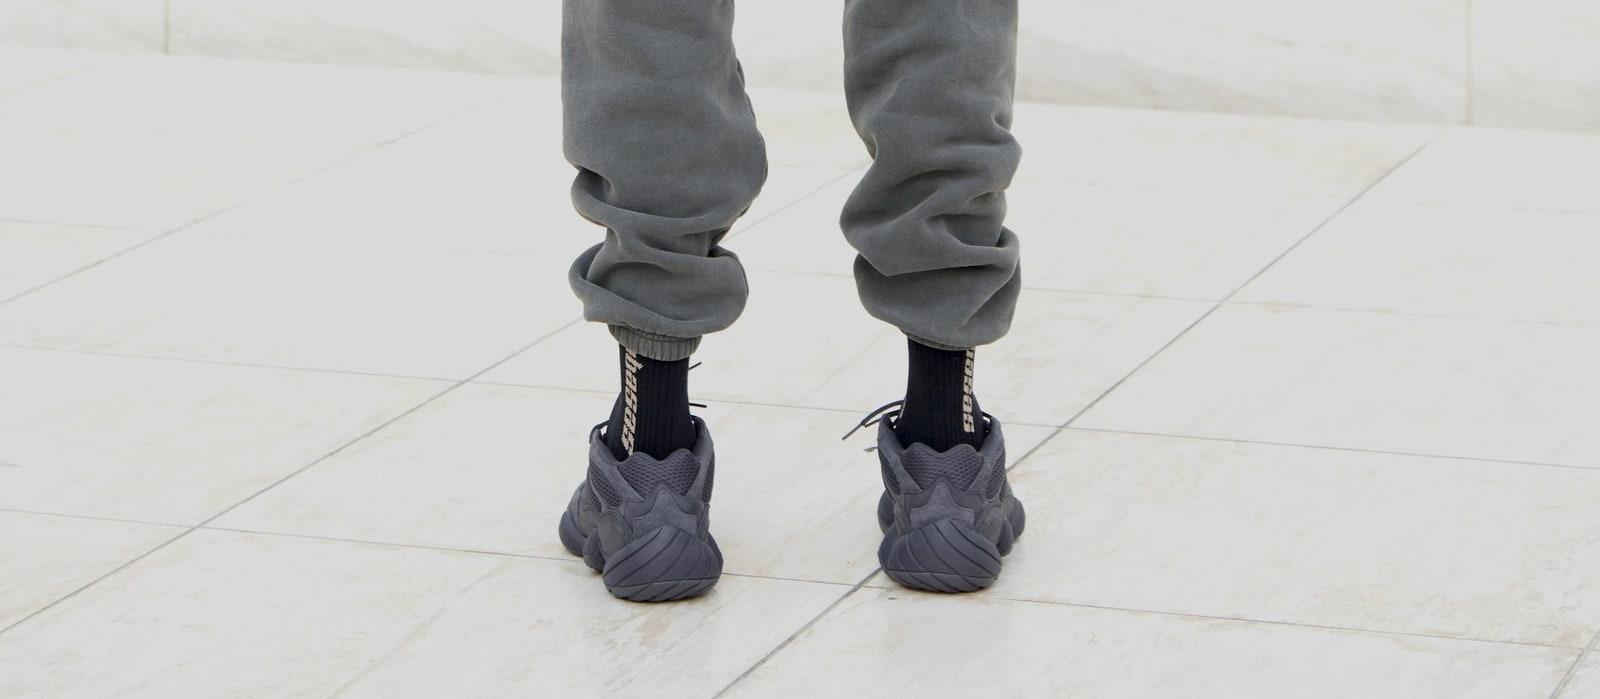 Adidas Yeezy 500 'Black' (On-Foot Heel)